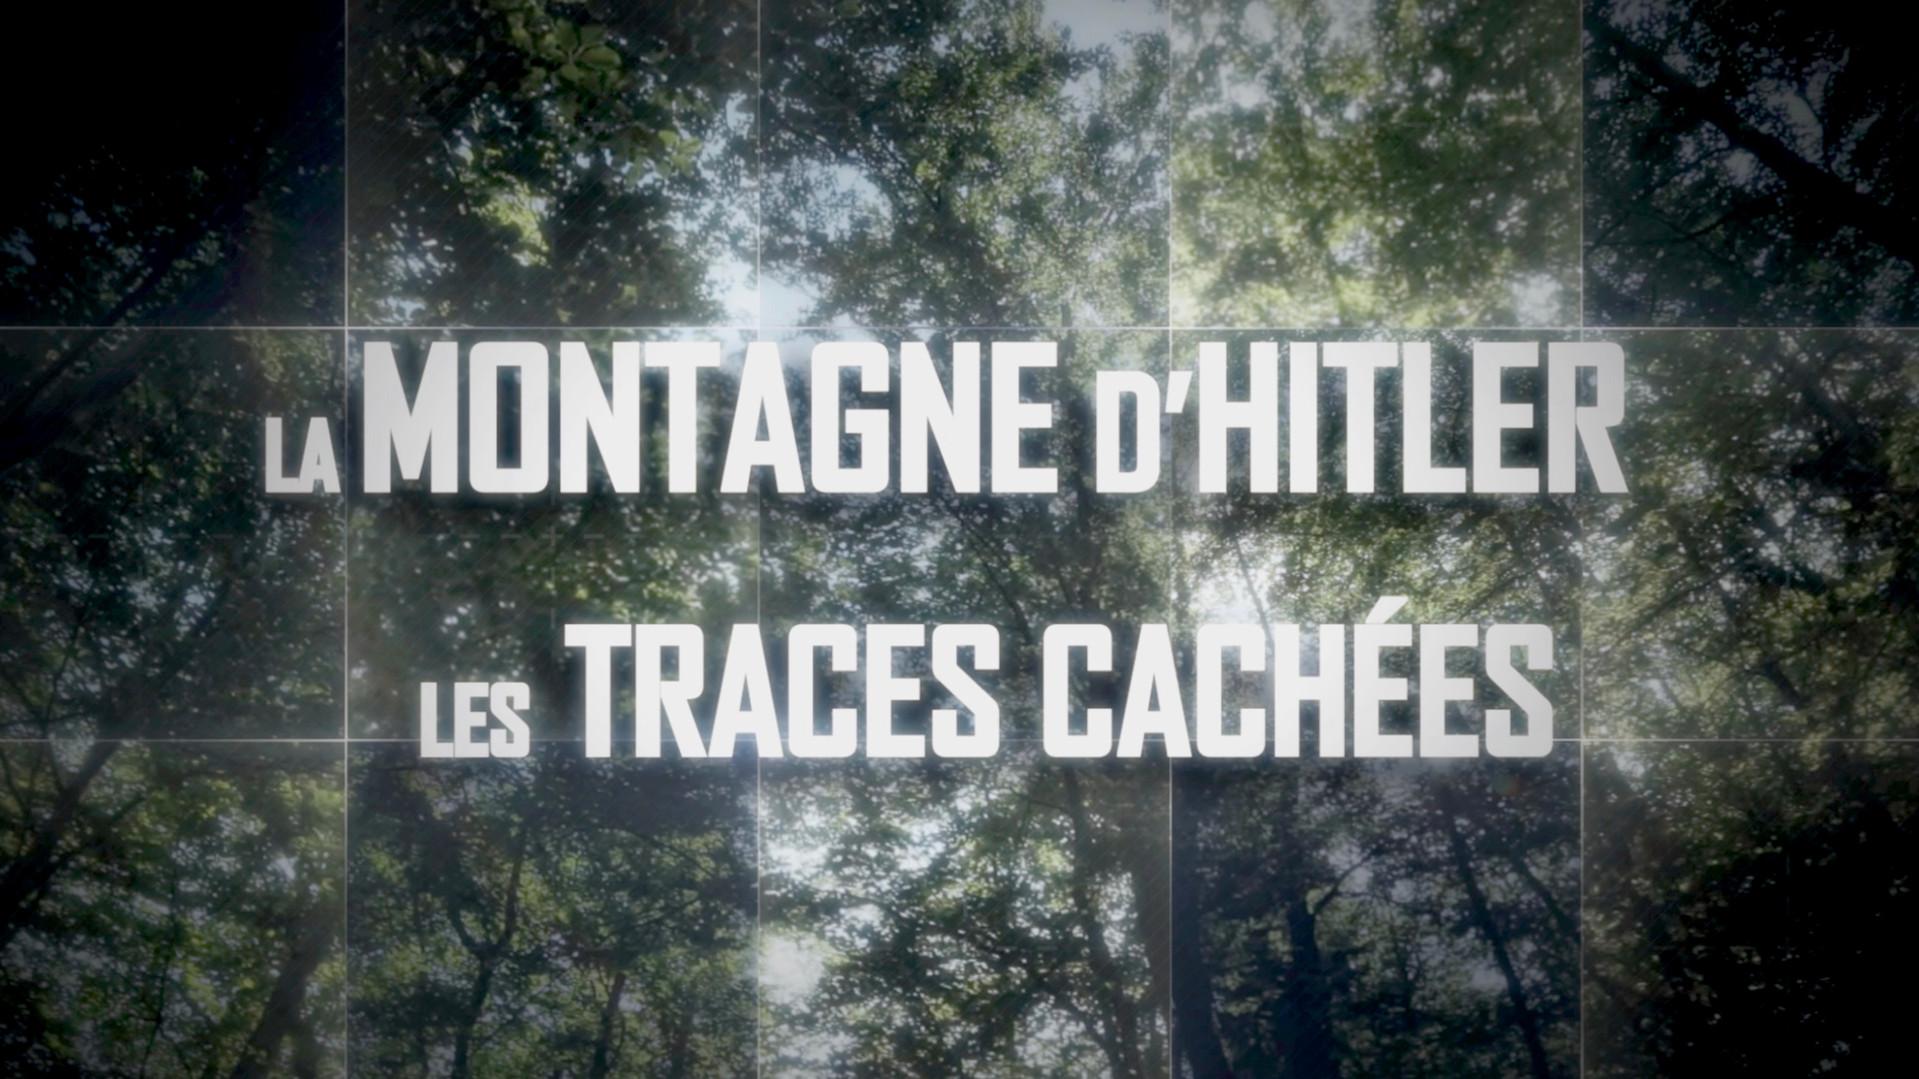 La Montagne d'Hitler, Les Traces Cachées • 2016 (52 min)